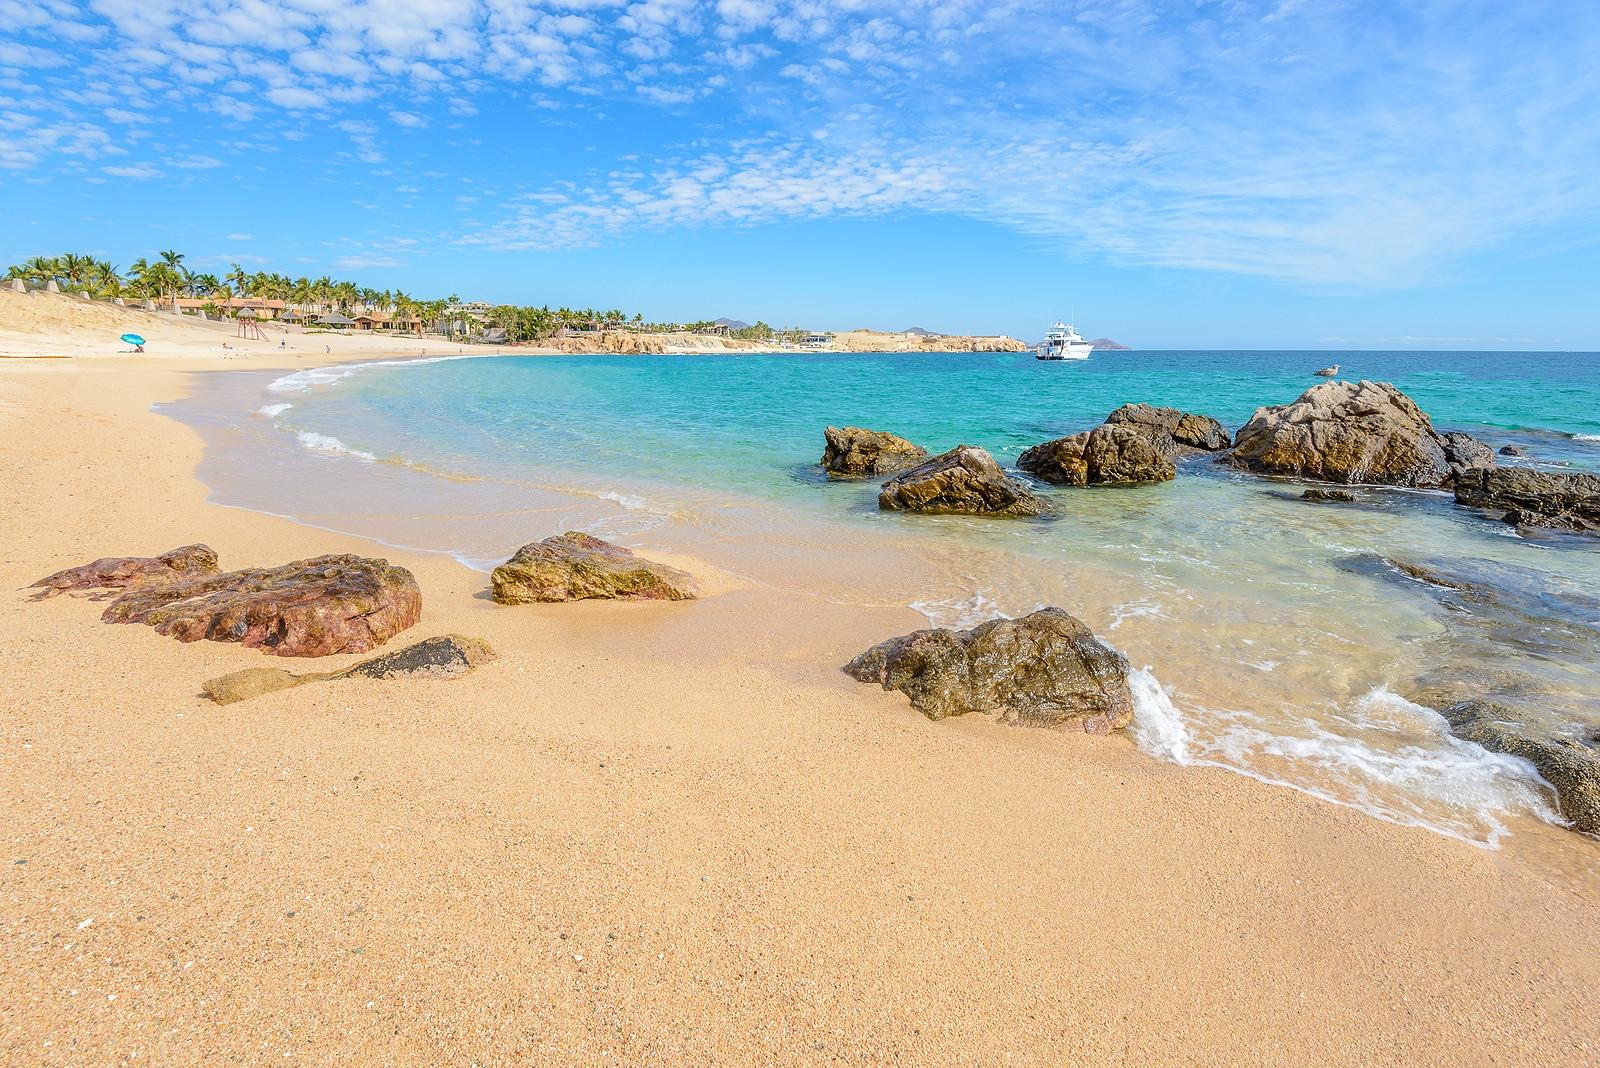 Playa El Chileno Beach, Cabo San Lucas